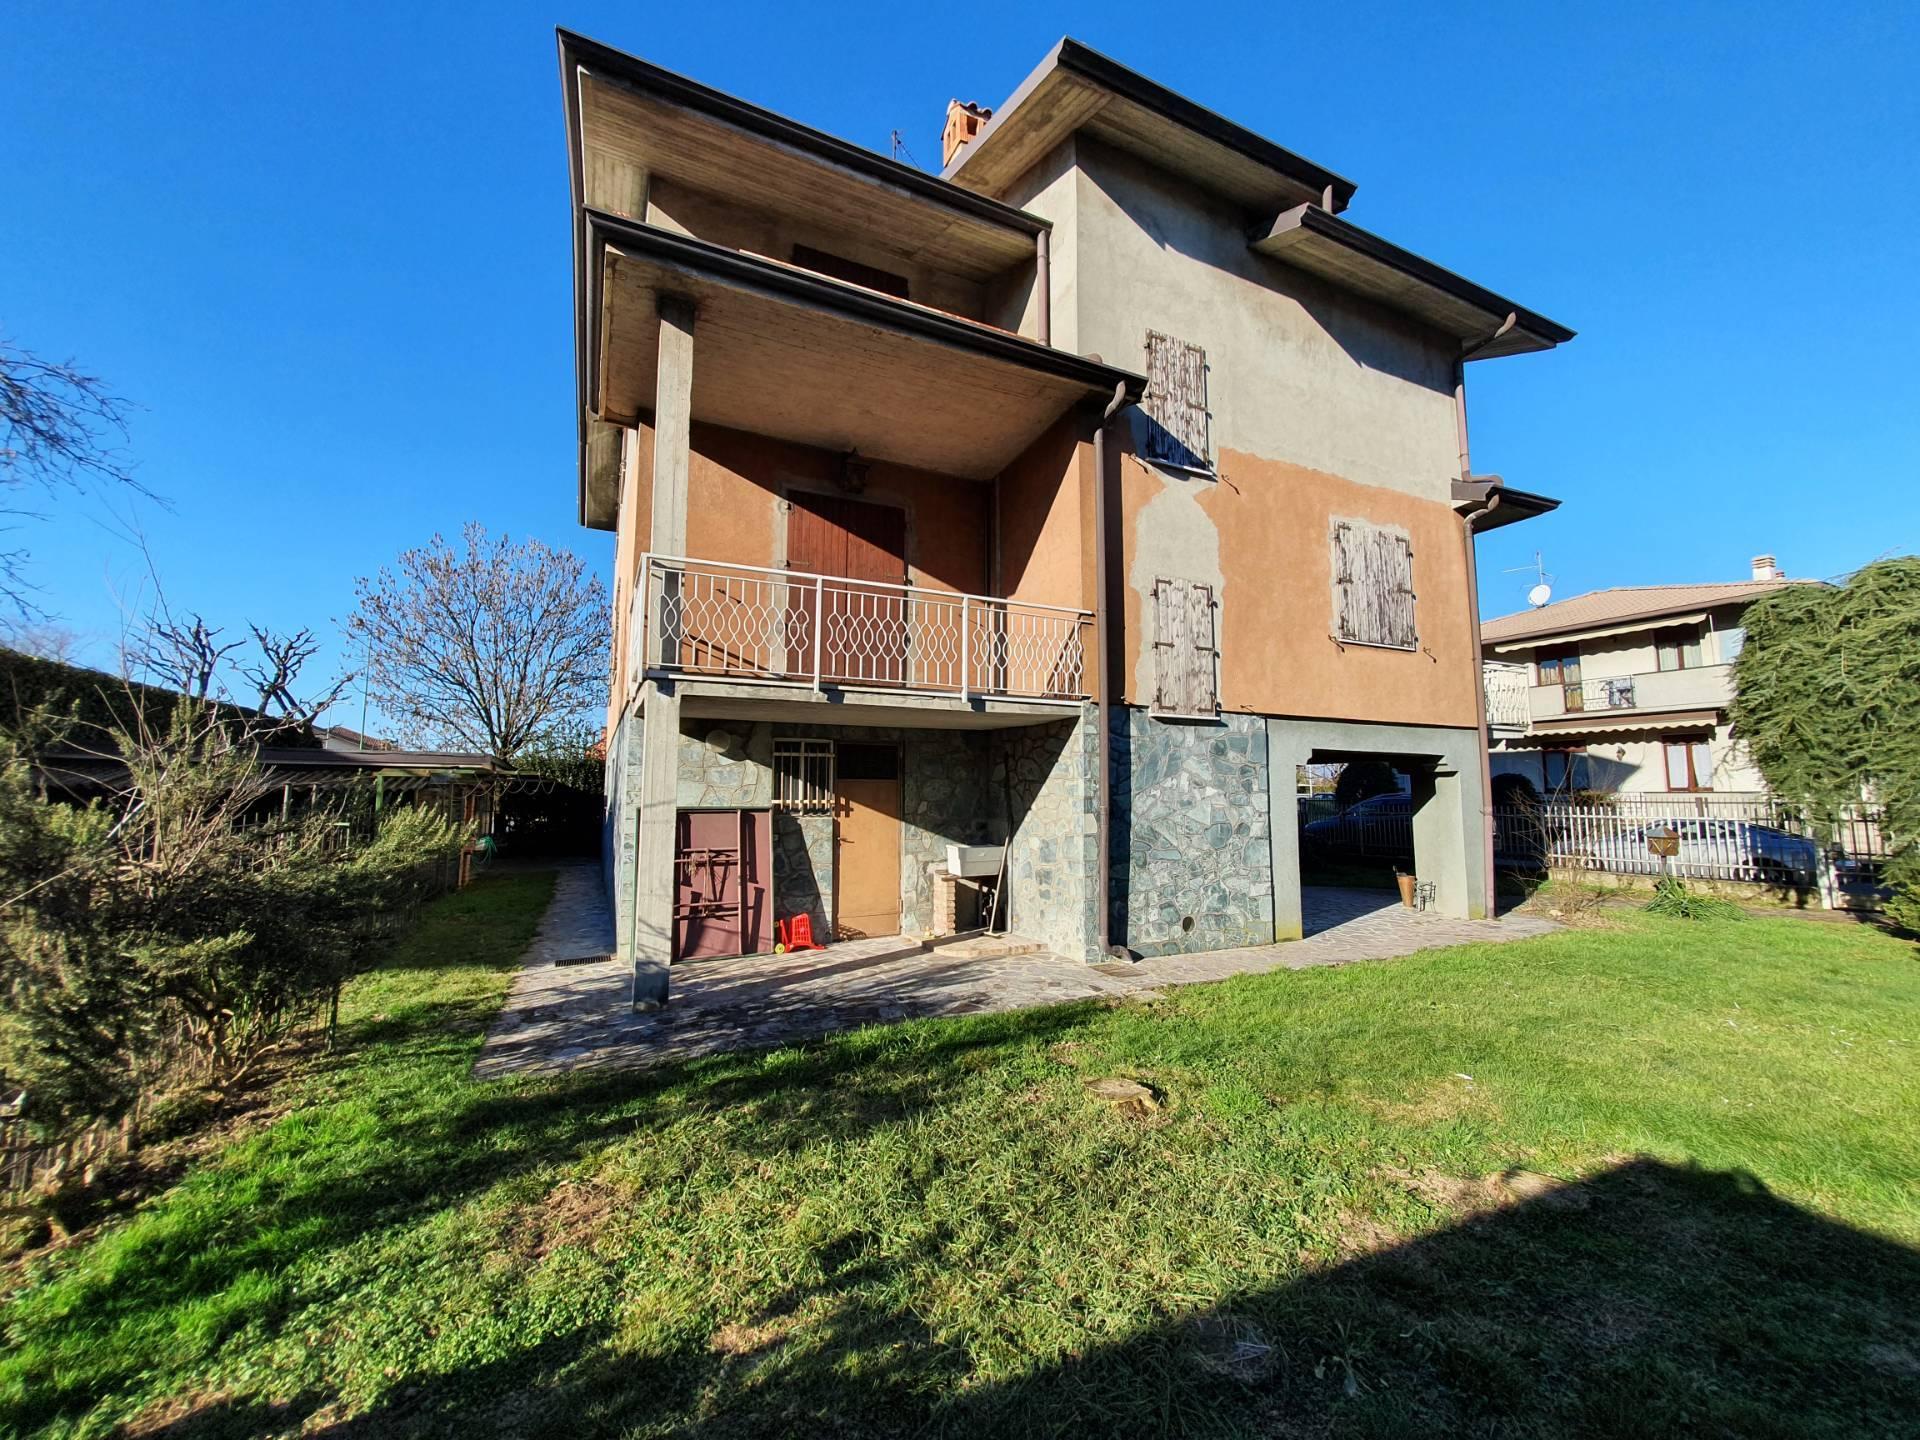 Villa Bifamiliare in vendita a Grassobbio, 8 locali, prezzo € 380.000 | PortaleAgenzieImmobiliari.it